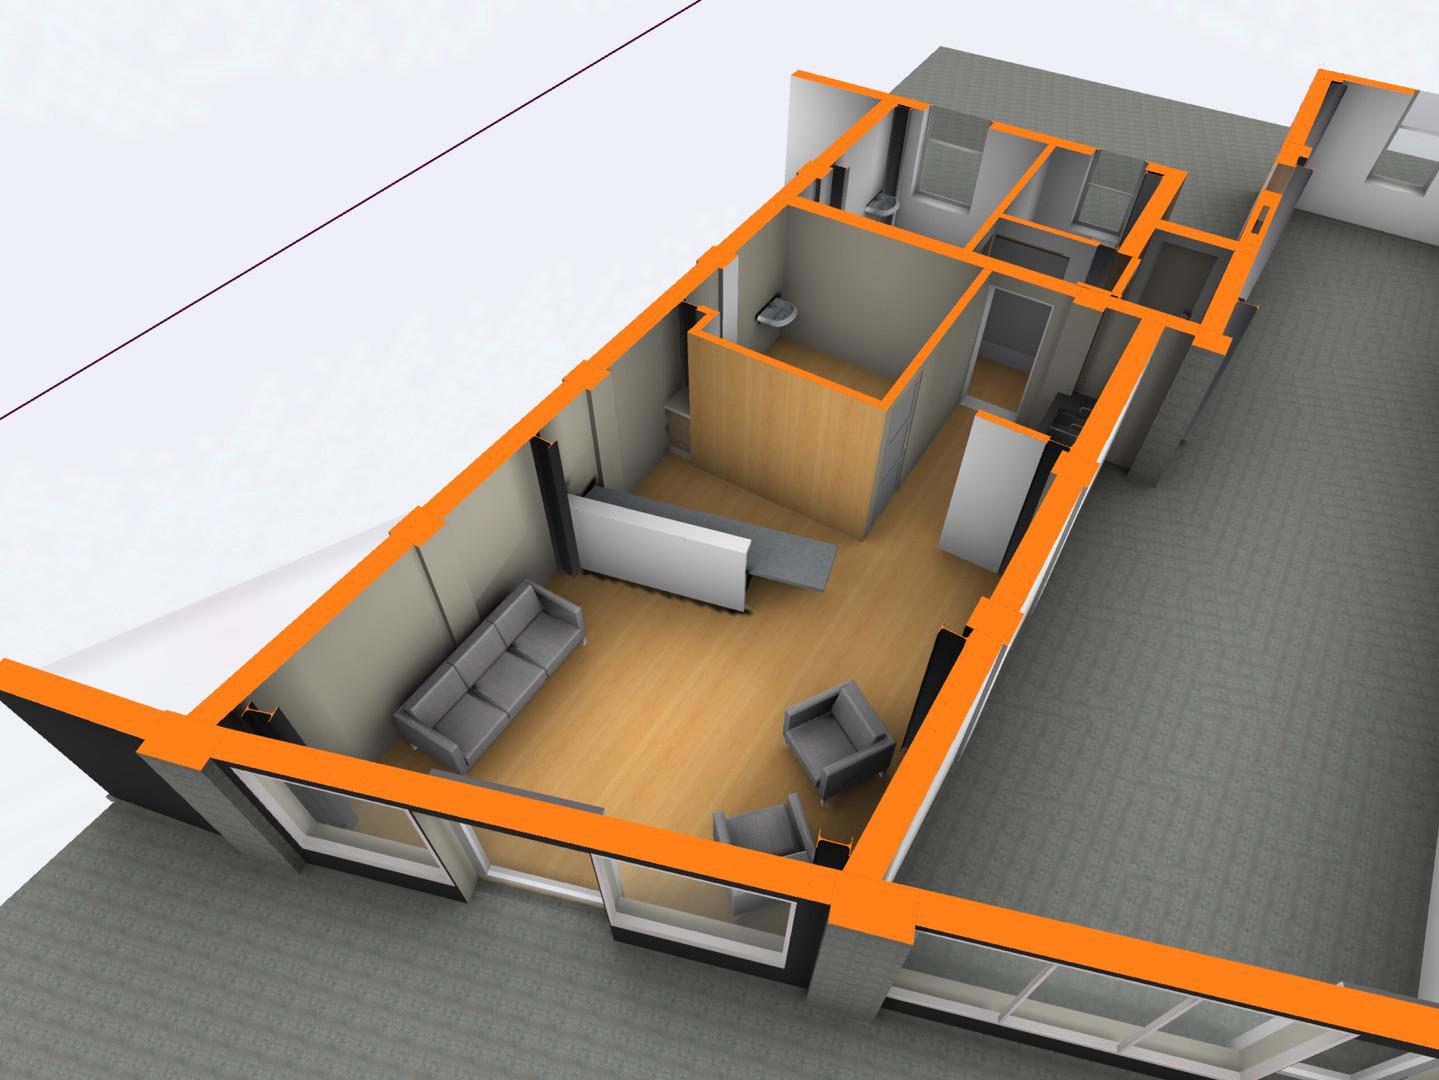 Moera-Dental-Clinic-1-3D-plan-view.jpeg